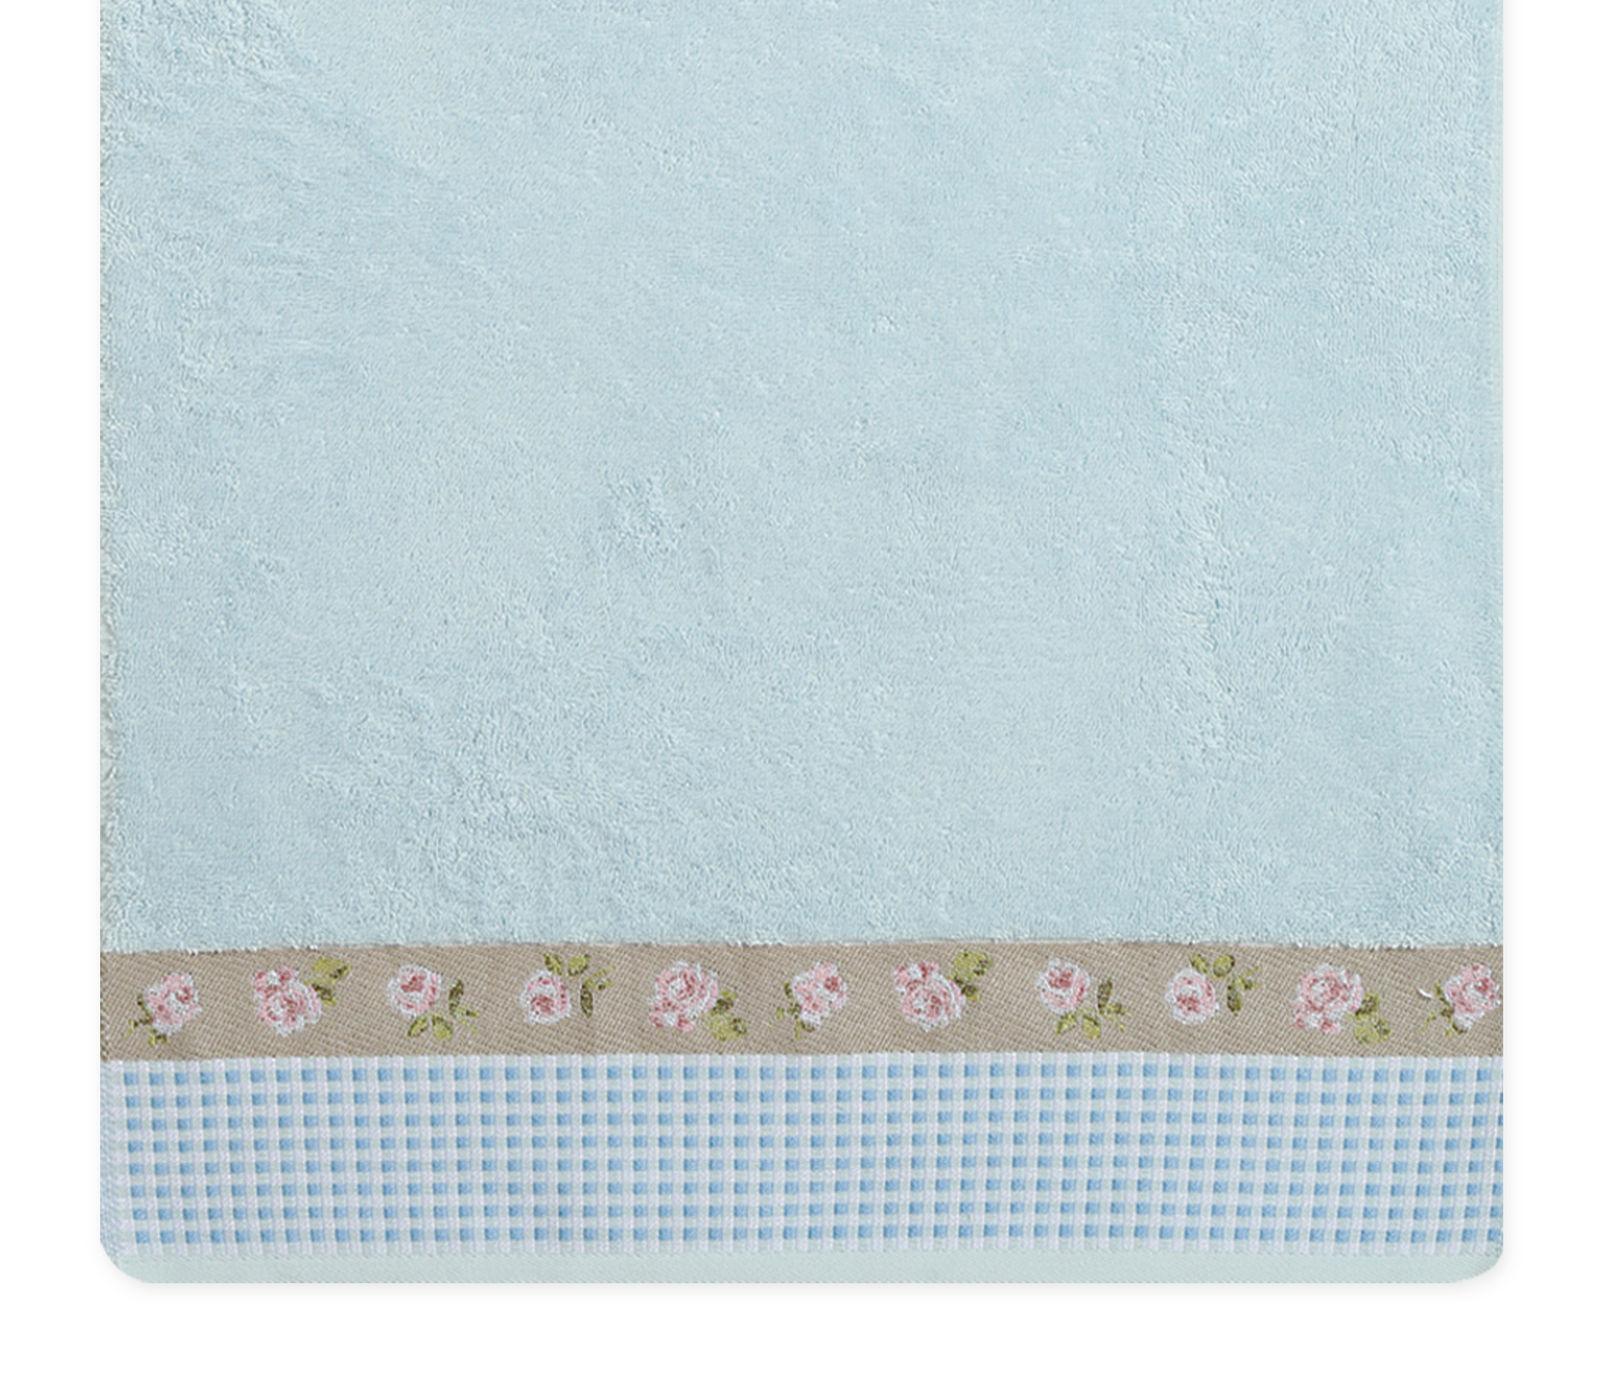 Πετσέτα Μπάνιου 70×140 Nef Nef Ζακαρ Μπορντουρα Marylia Blue